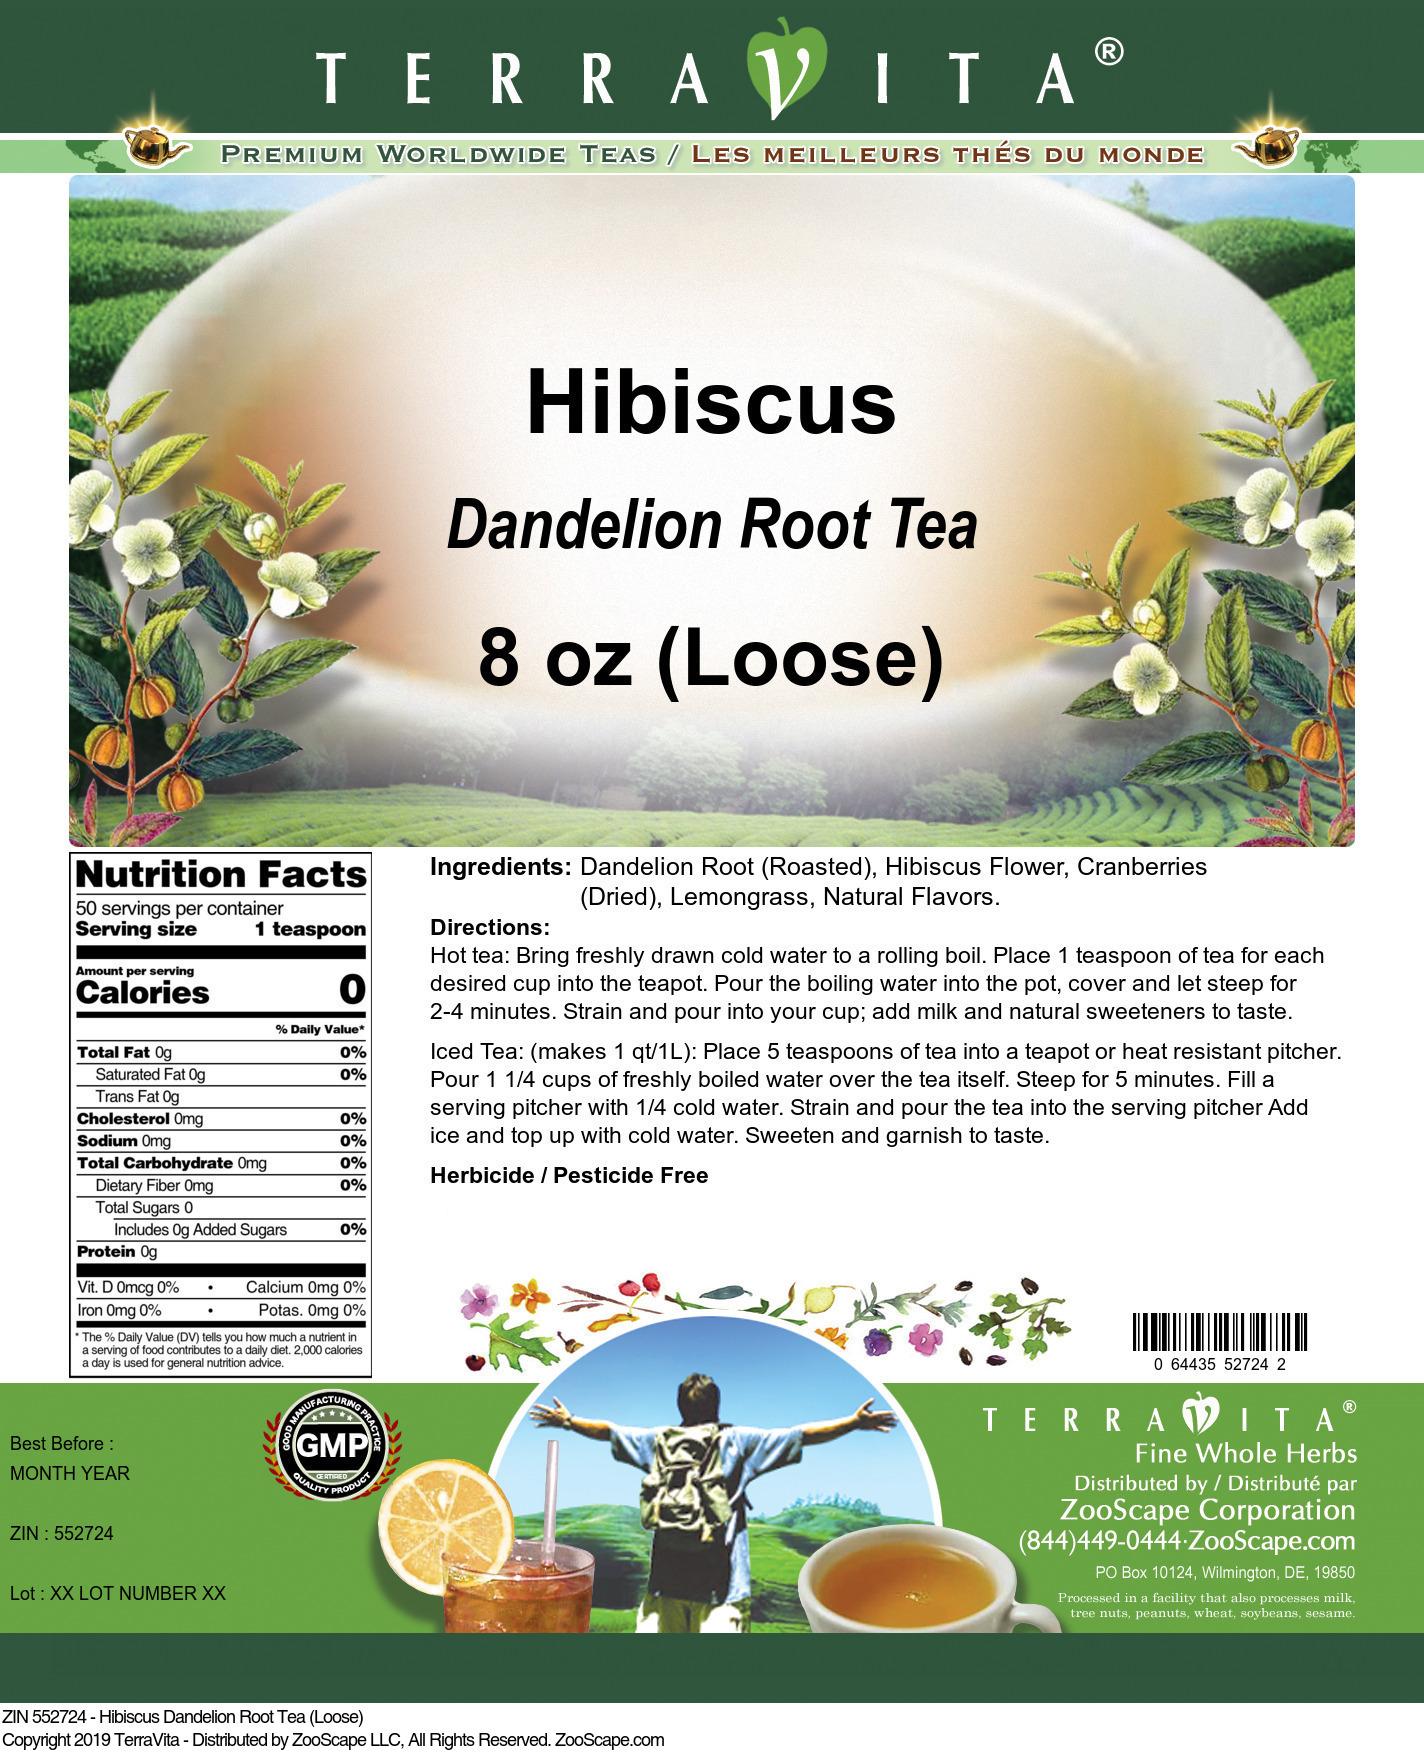 Hibiscus Dandelion Root Tea (Loose)